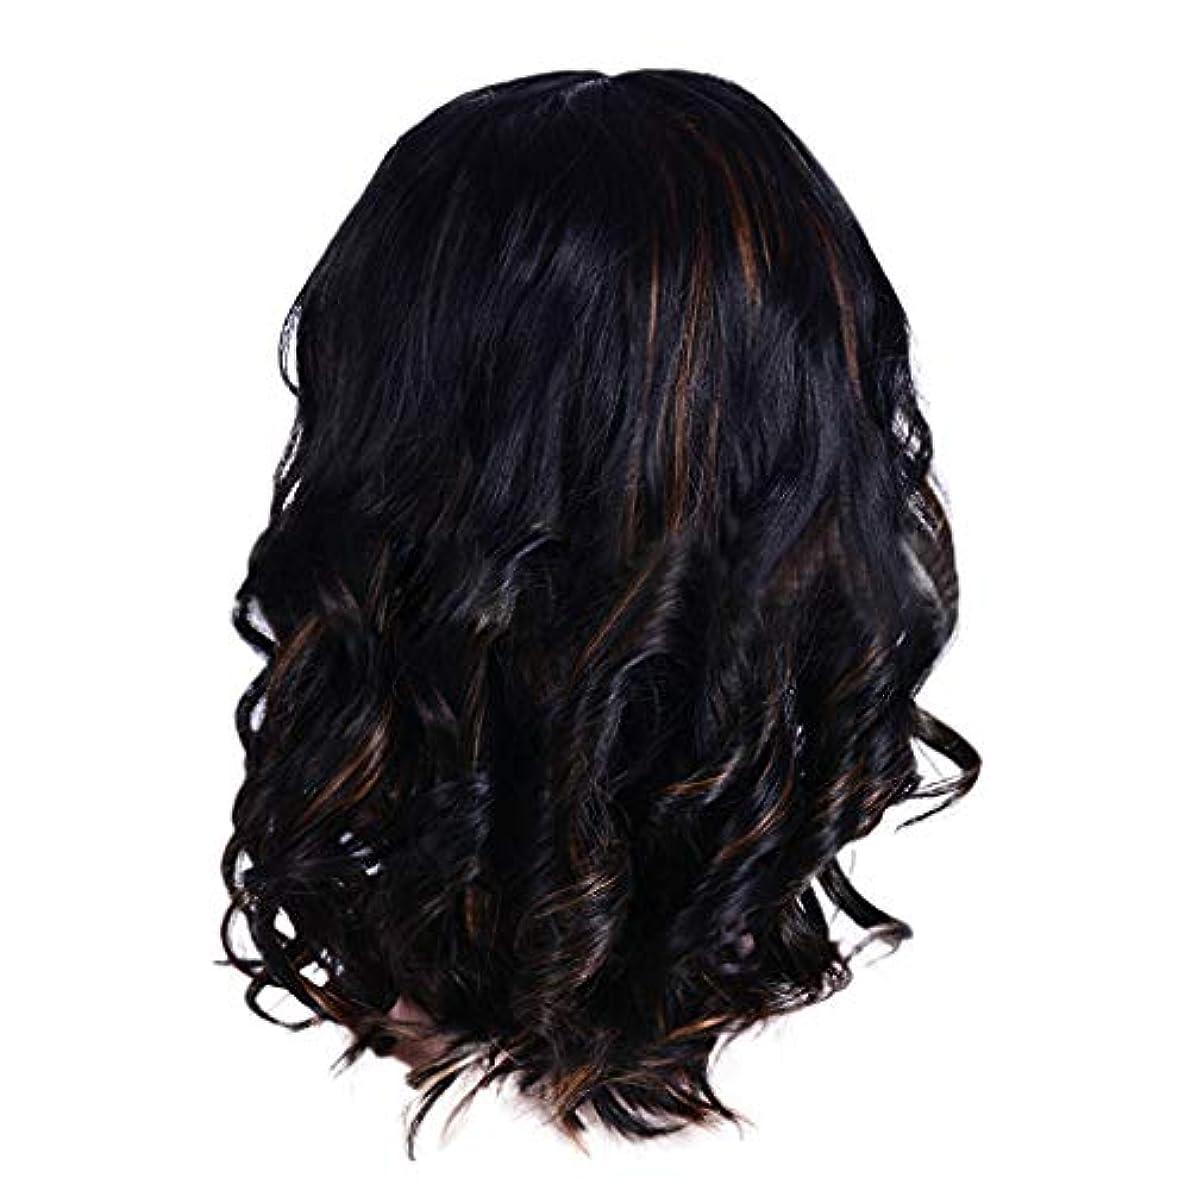 援助する線線形ウィッグの女性の短い巻き毛の黒ボブエレガントなファッションウィッグ